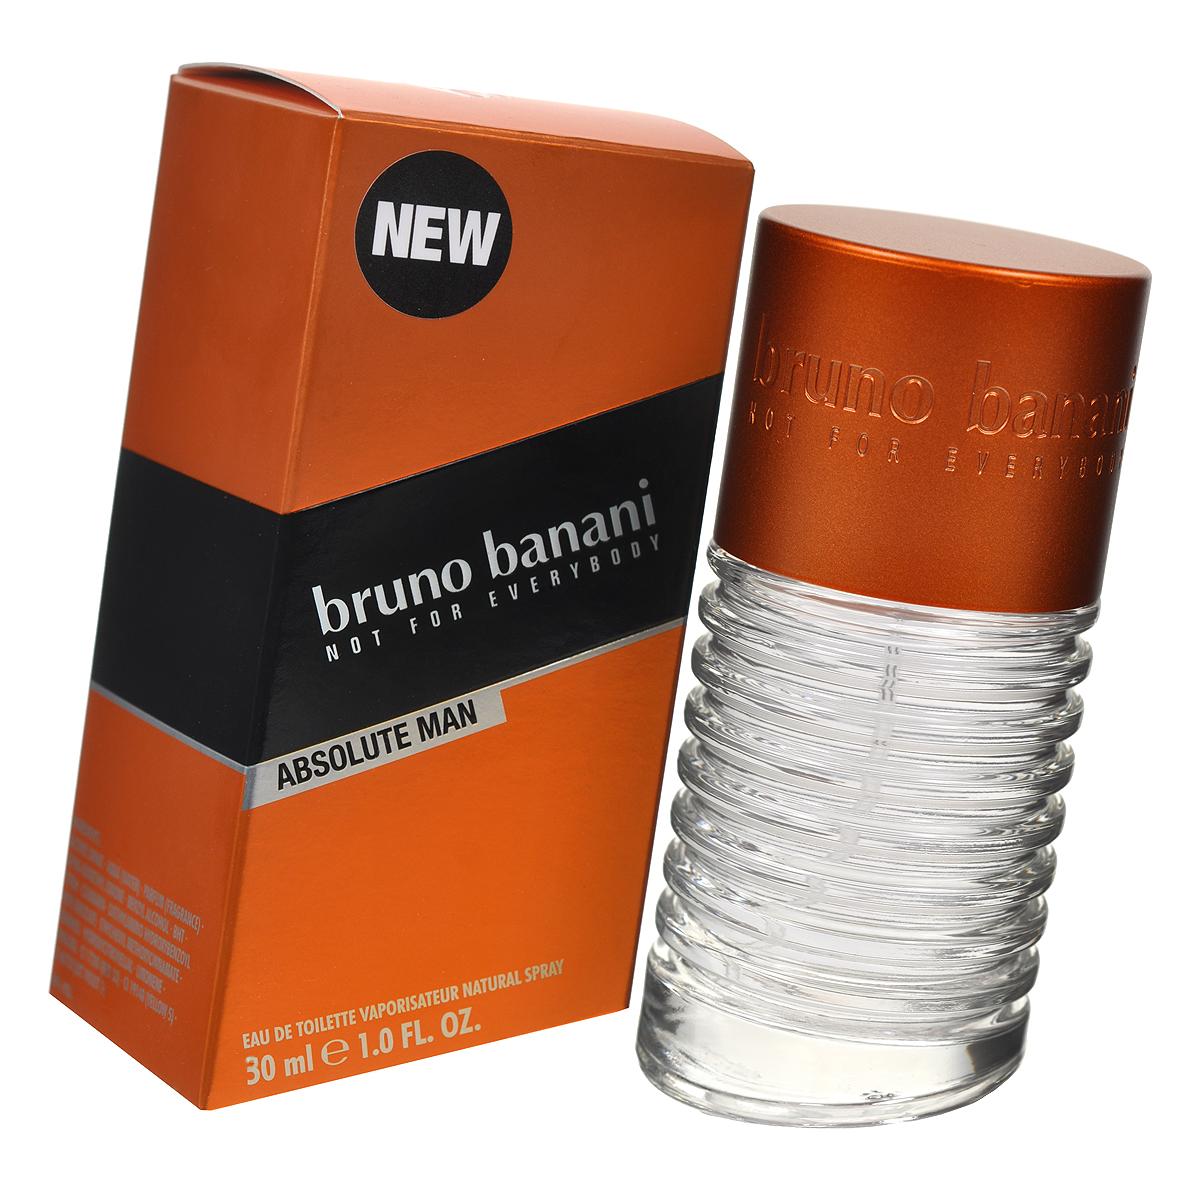 Bruno Banani Туалетная вода Absolute Man, мужская, 30 мл